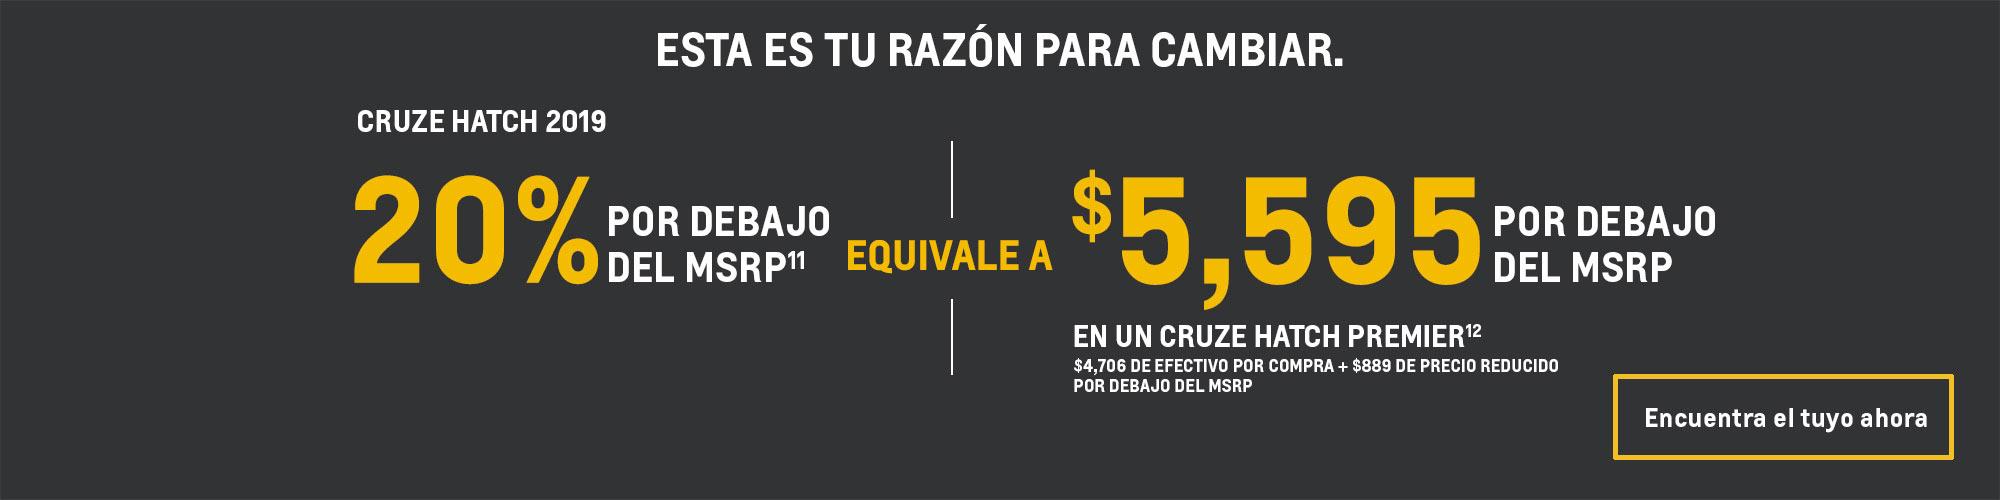 Chevrolet Cruze 2019: 20% por debajo del MSRP